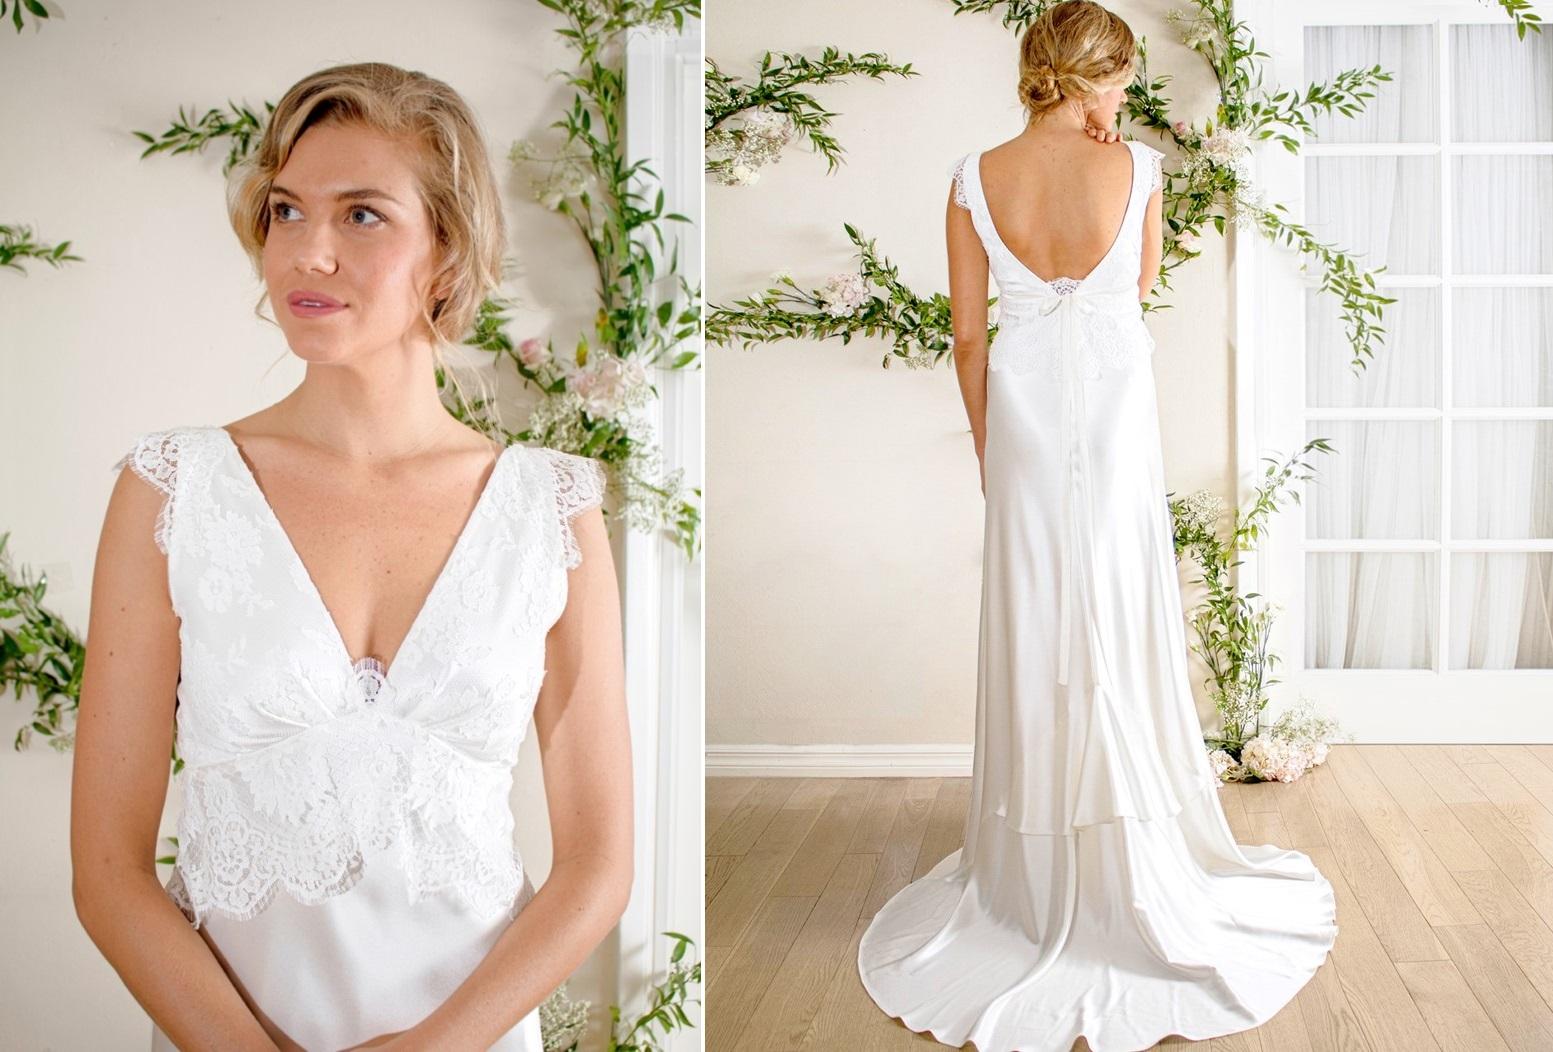 Vintage Inspired Wedding Dress from Rose & Delilah - Avery